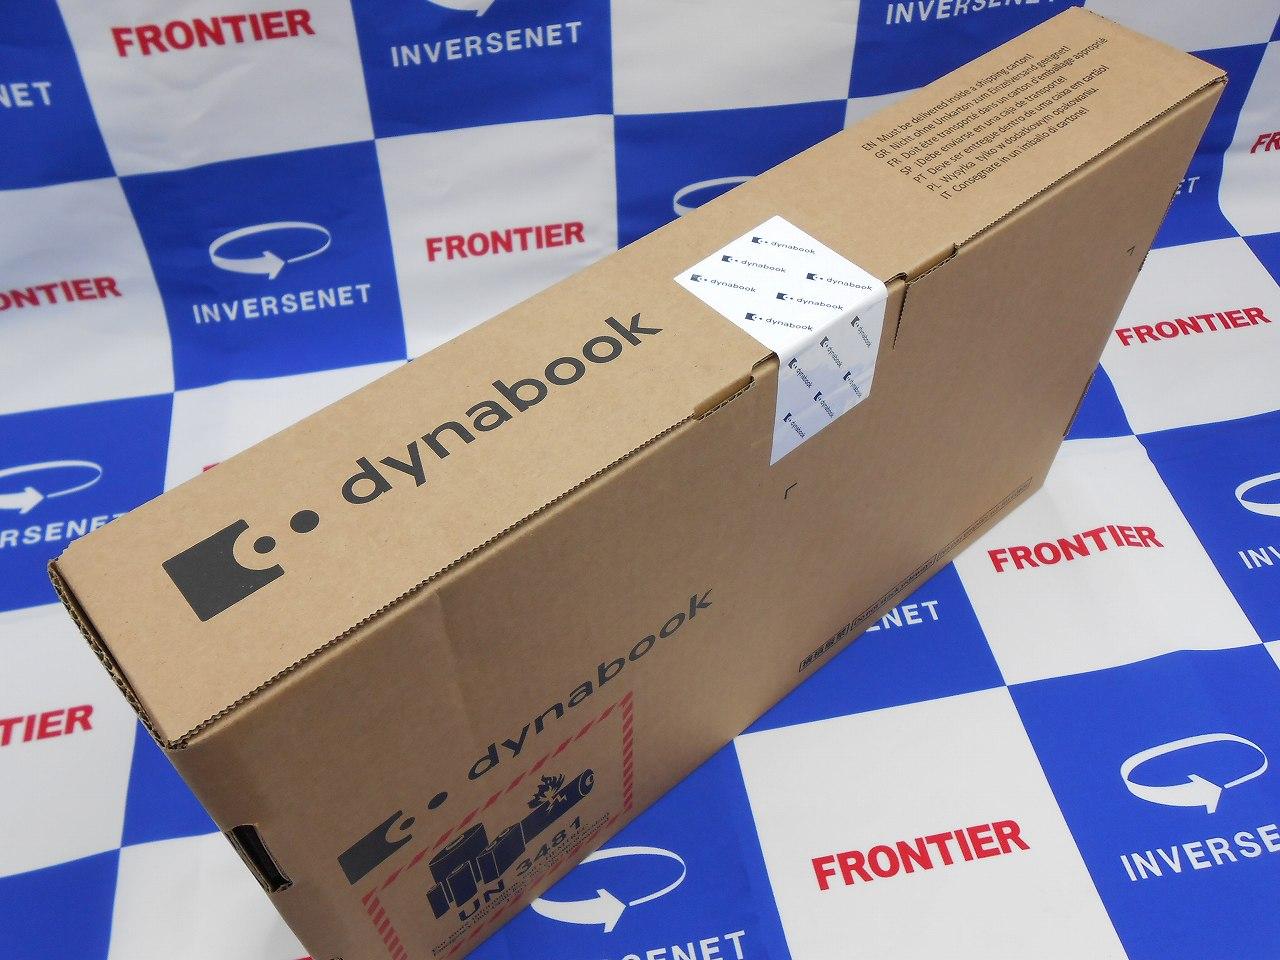 【新品未使用品】dynabook S73/DP/2020年モデル/Corei5 8250U 1.6GHz/メモリ8GB/SSD256GB/13インチ/Windows10Pro【1年保証】【足立店発送】